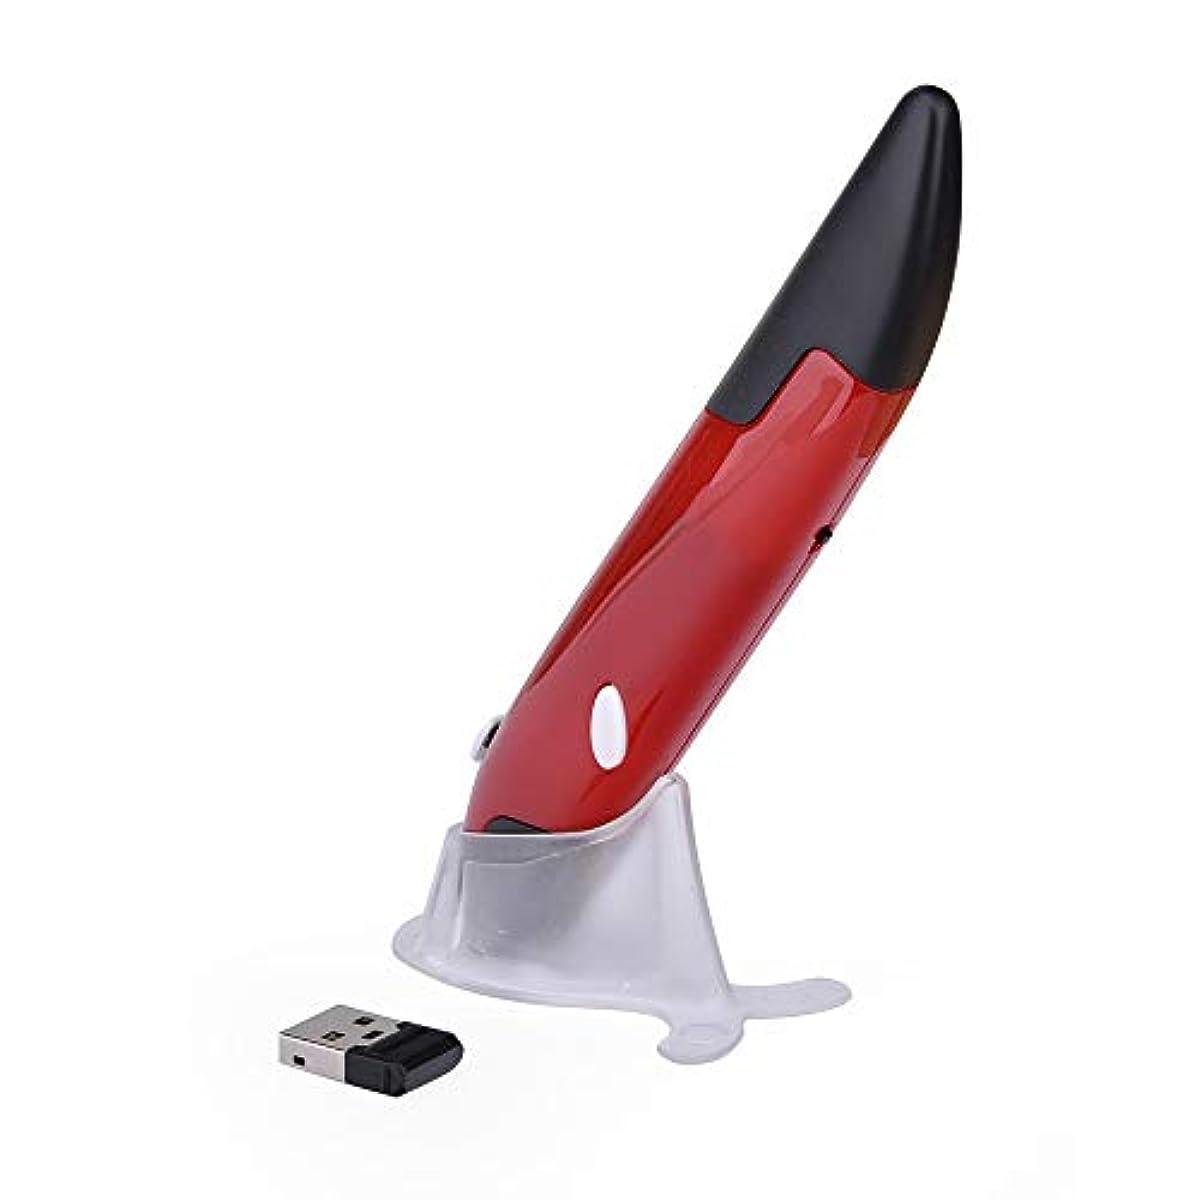 [해외] 2.4GHZ wireless 광학식 마우스 펜 최대DPI 1000 레드